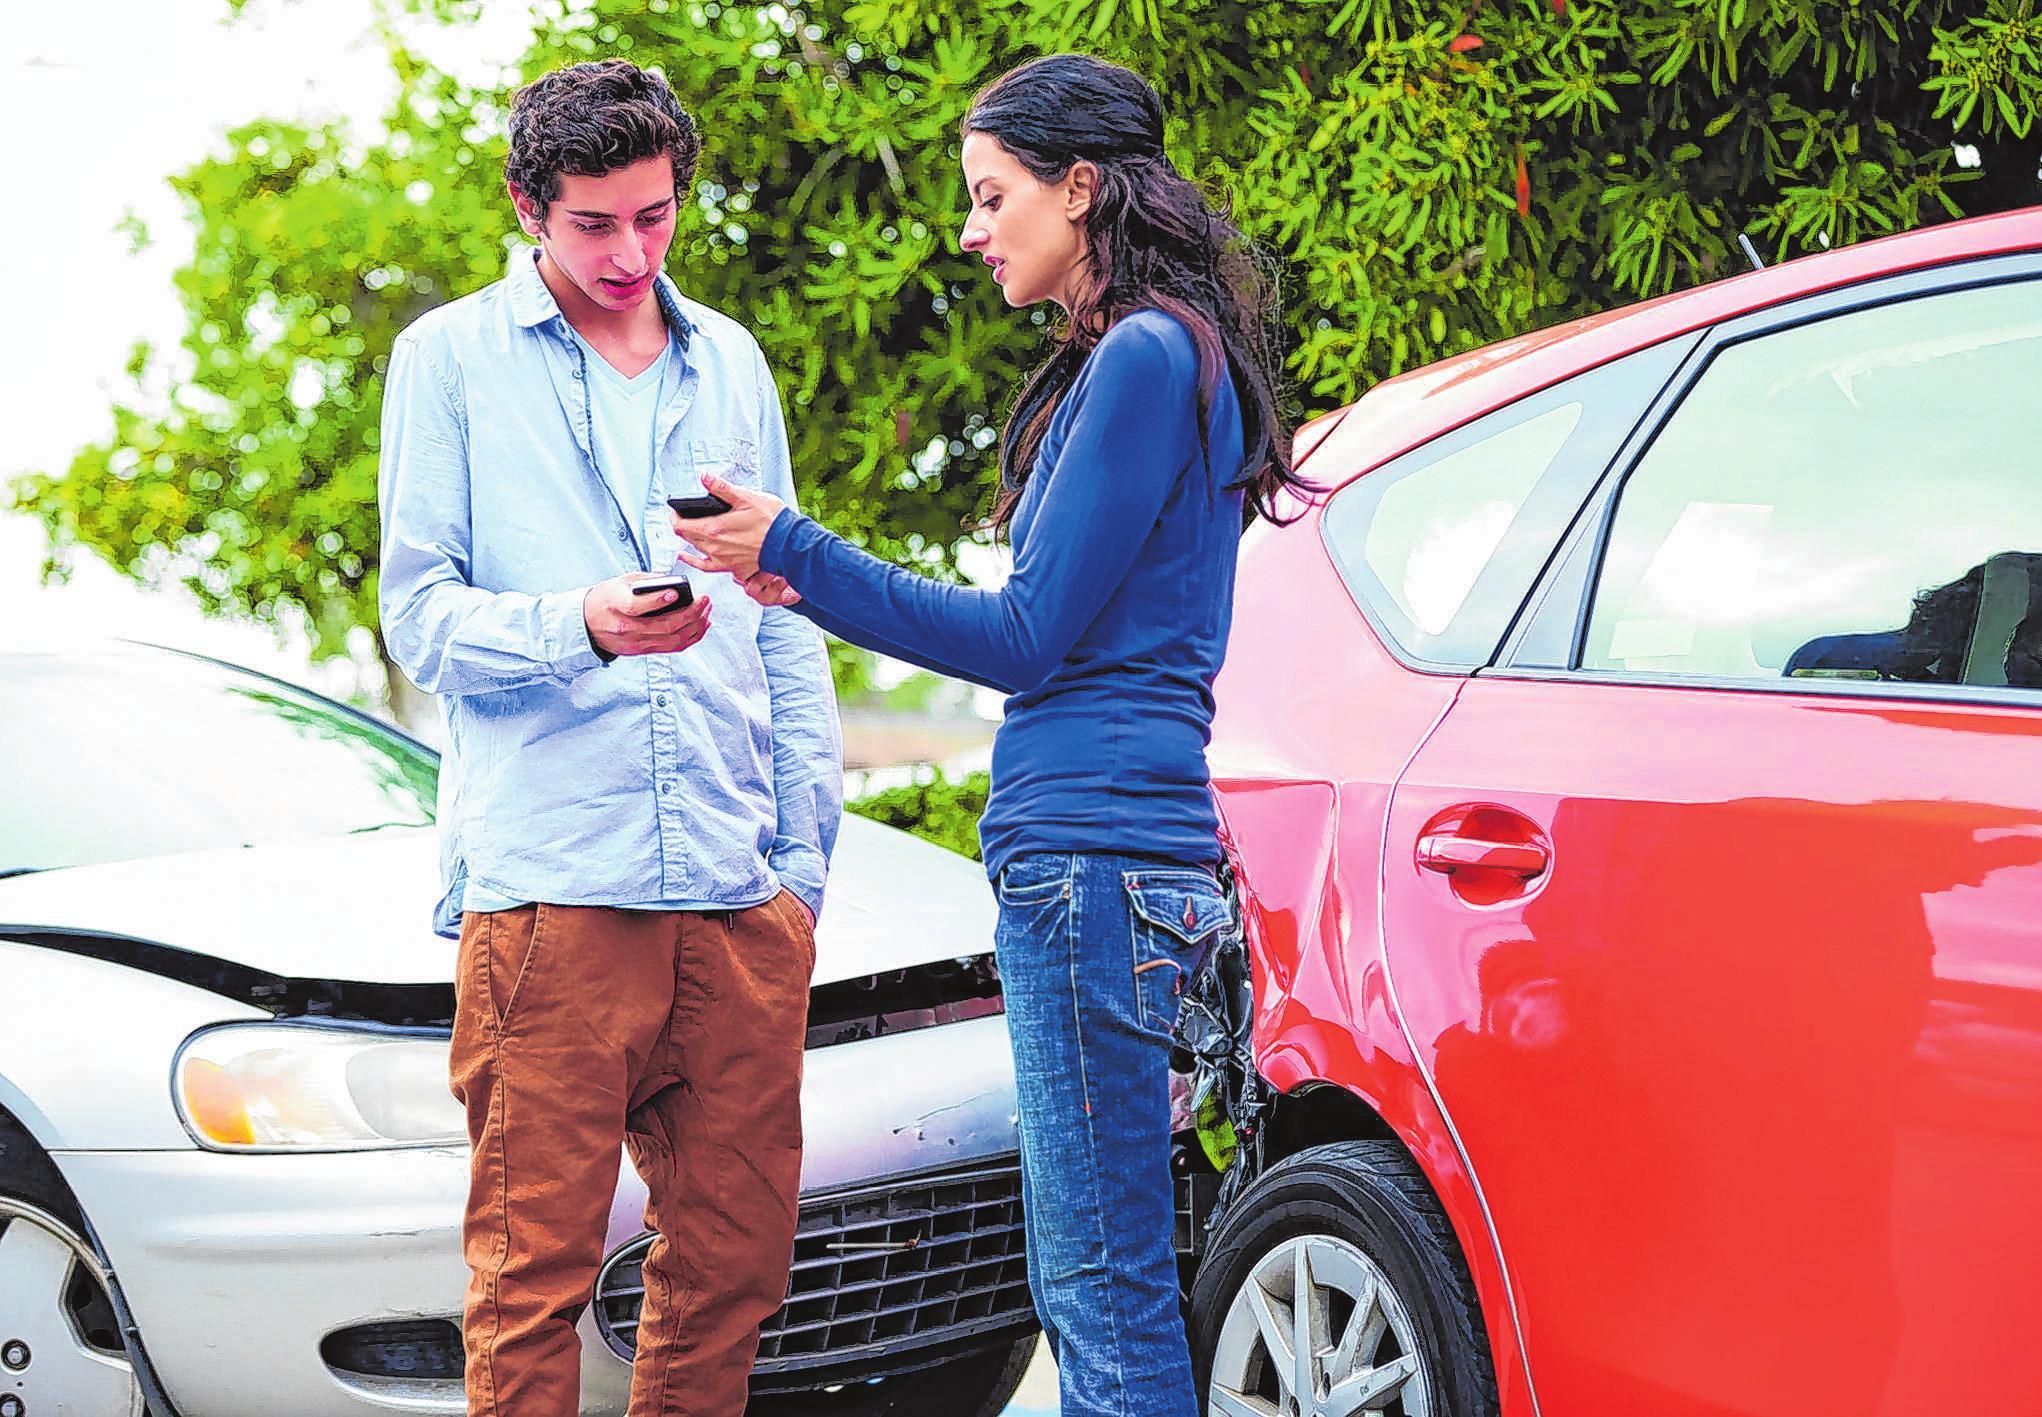 Eine Schaden-App hilft, schnell alle wichtigen Informationen zu übermittenln. Foto: C. Yeulet/123rf.com/barmenia